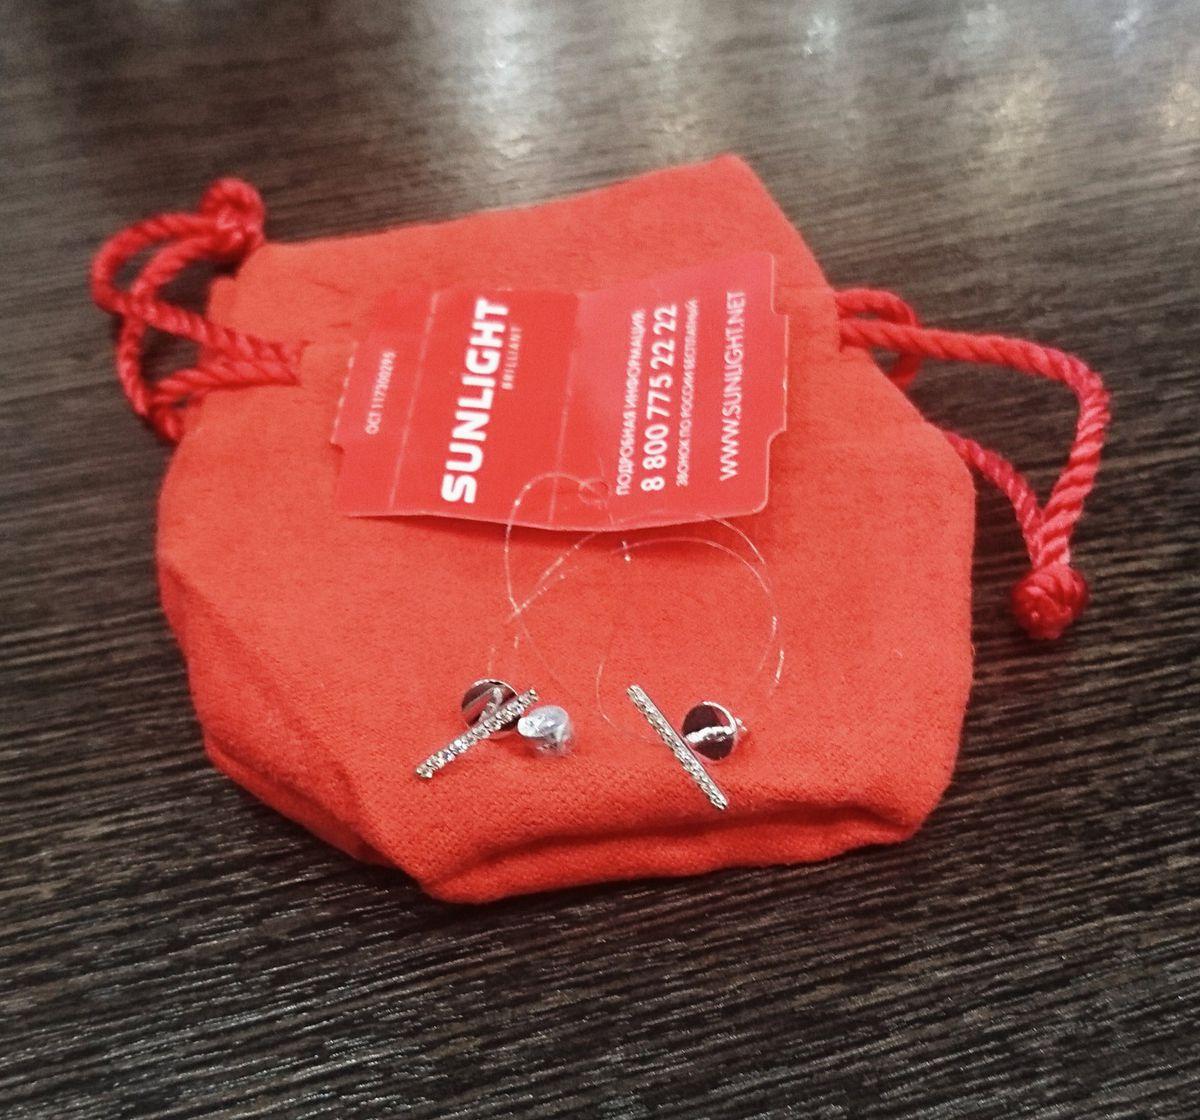 Серьги с 20-ю бриллиантами из шикарной коллекции